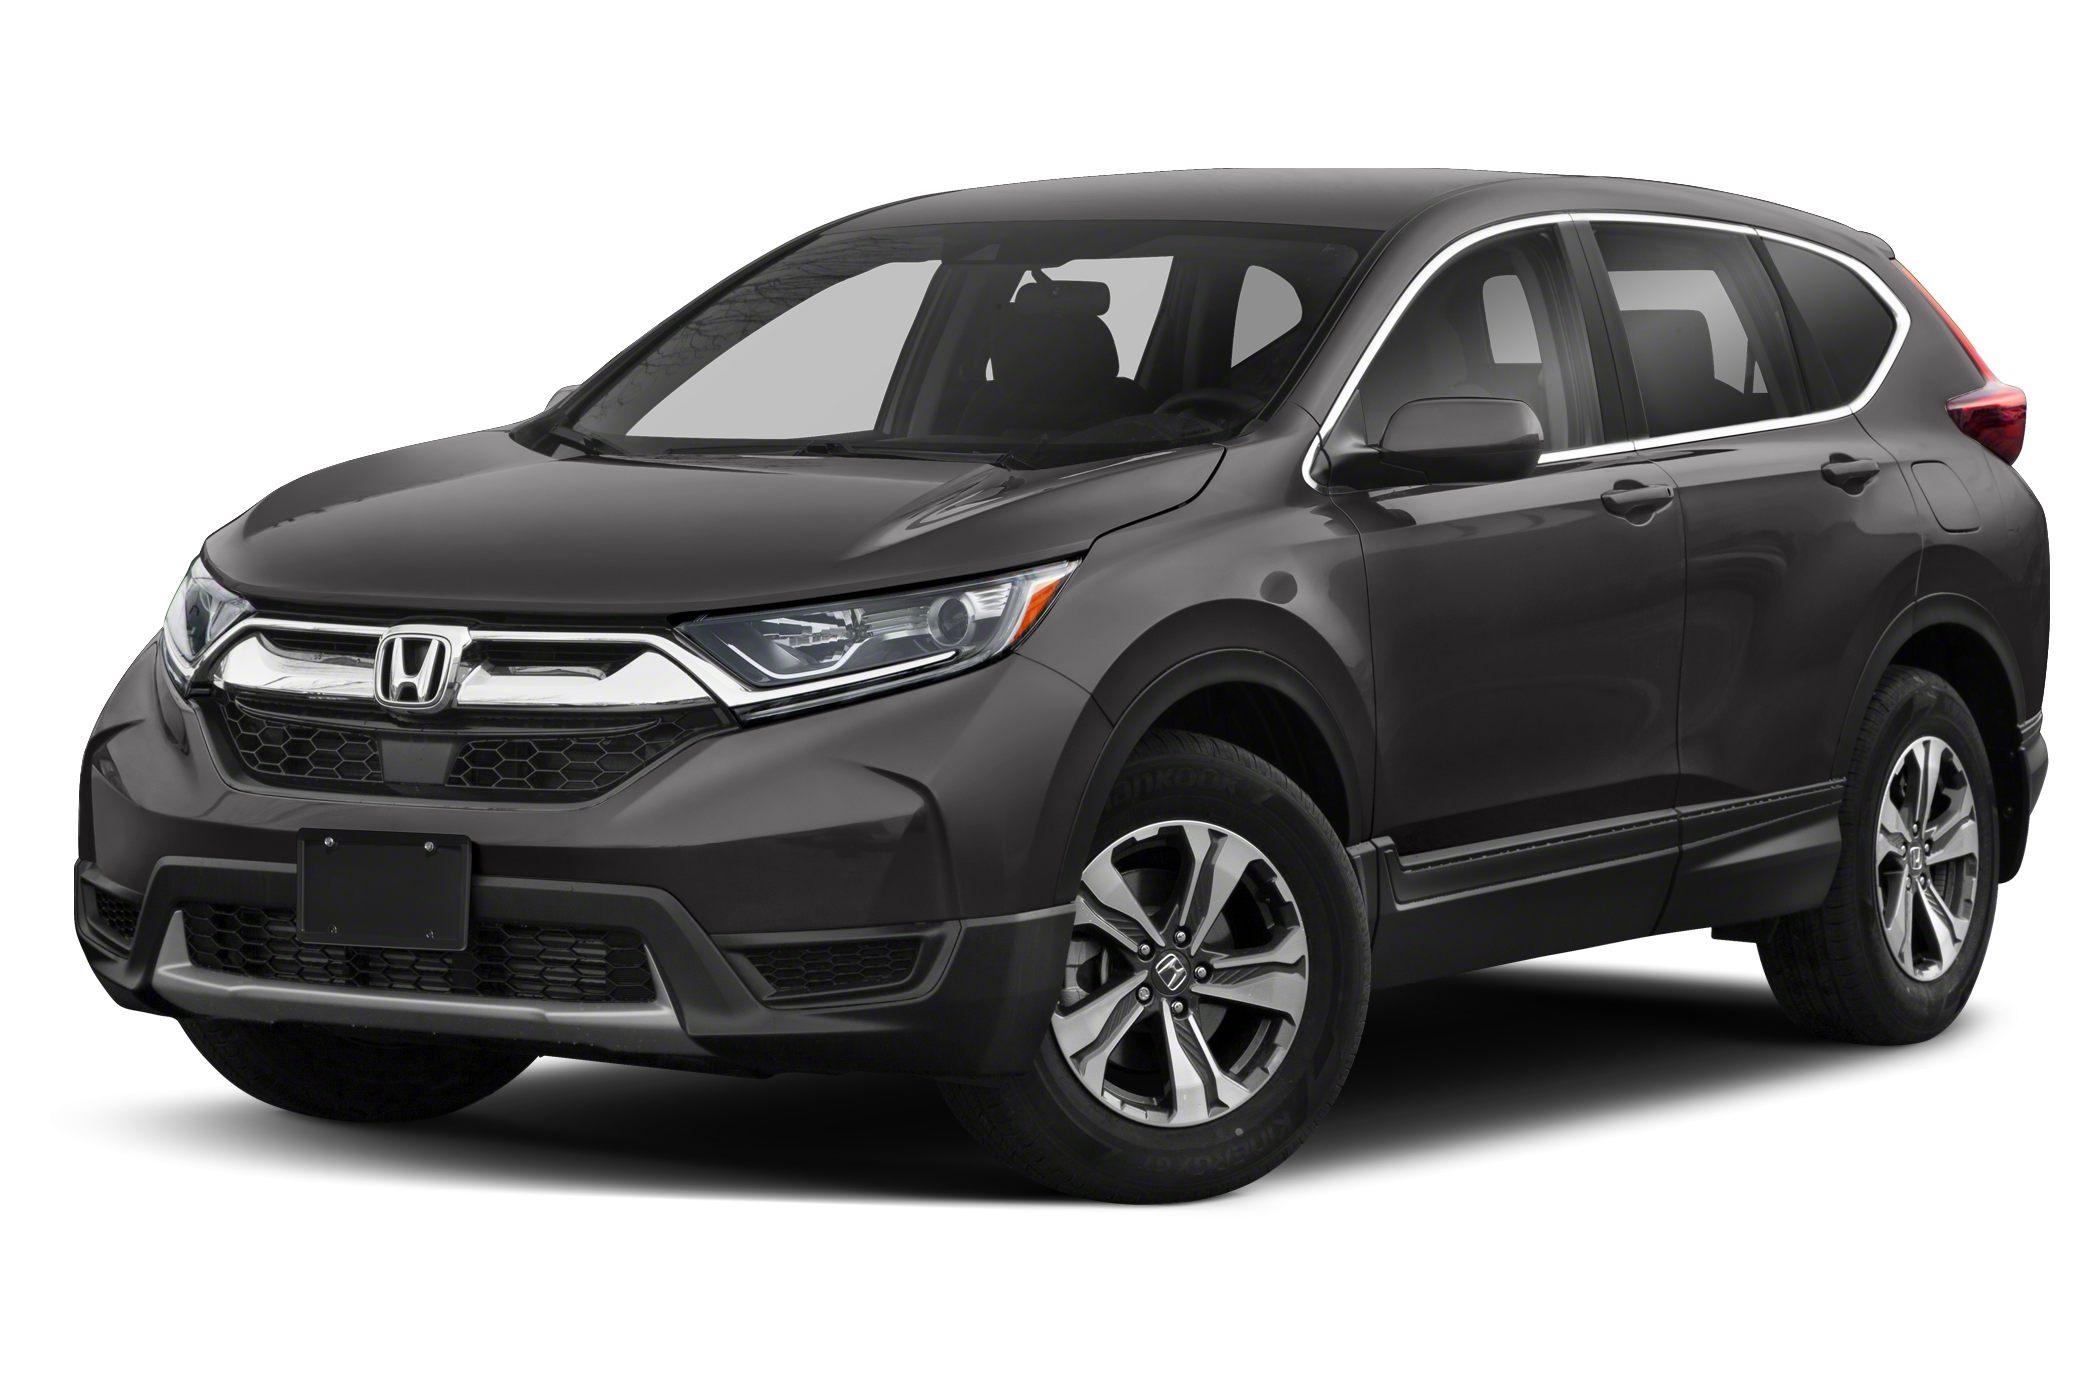 Kekurangan Suv Honda 2019 Perbandingan Harga